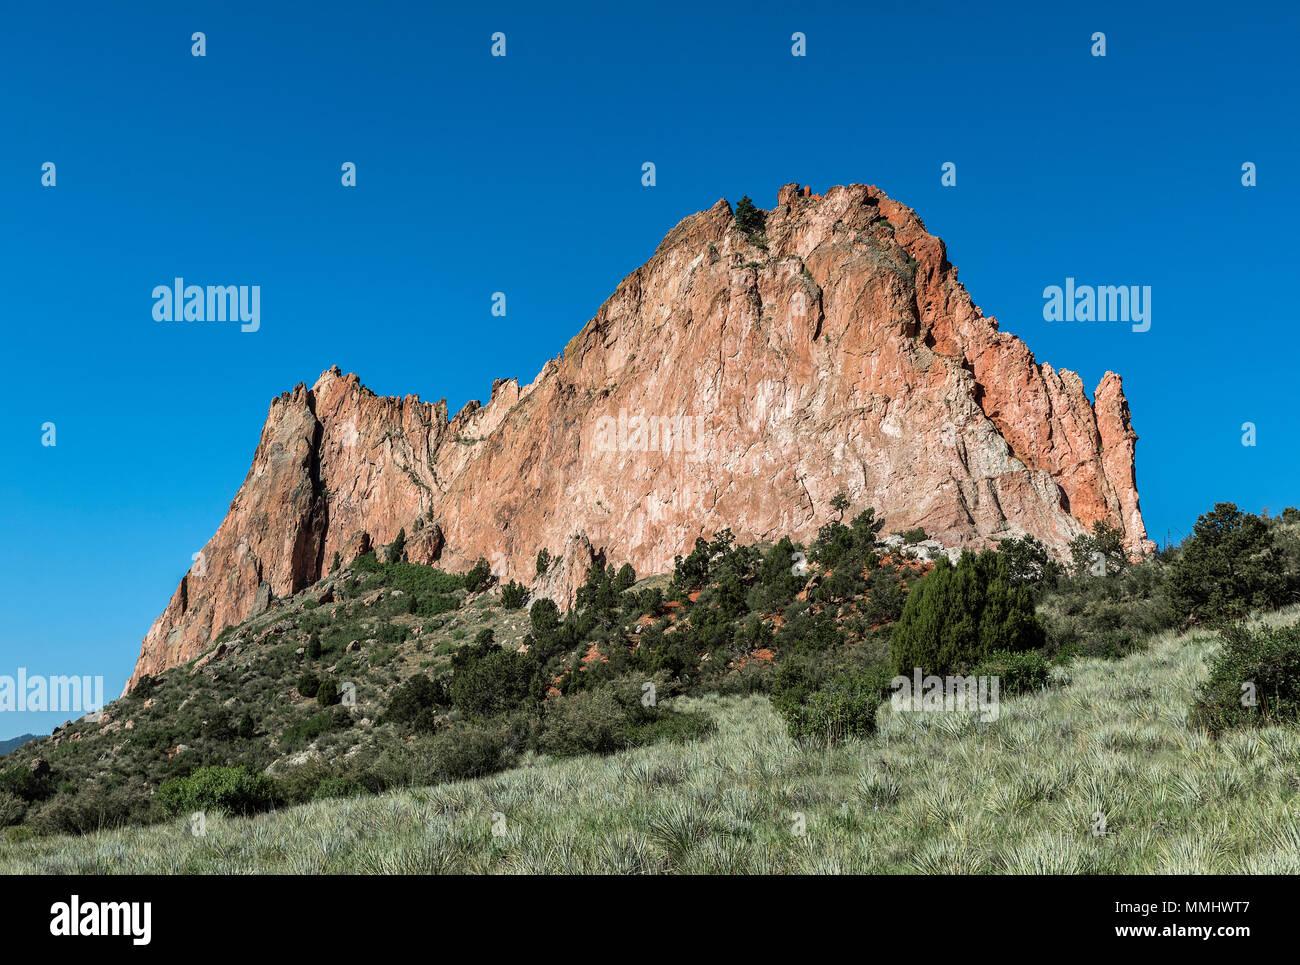 Cathedral Rock, Garden Of The Gods, Colorado Springs, Colorado, USA. - Stock Image